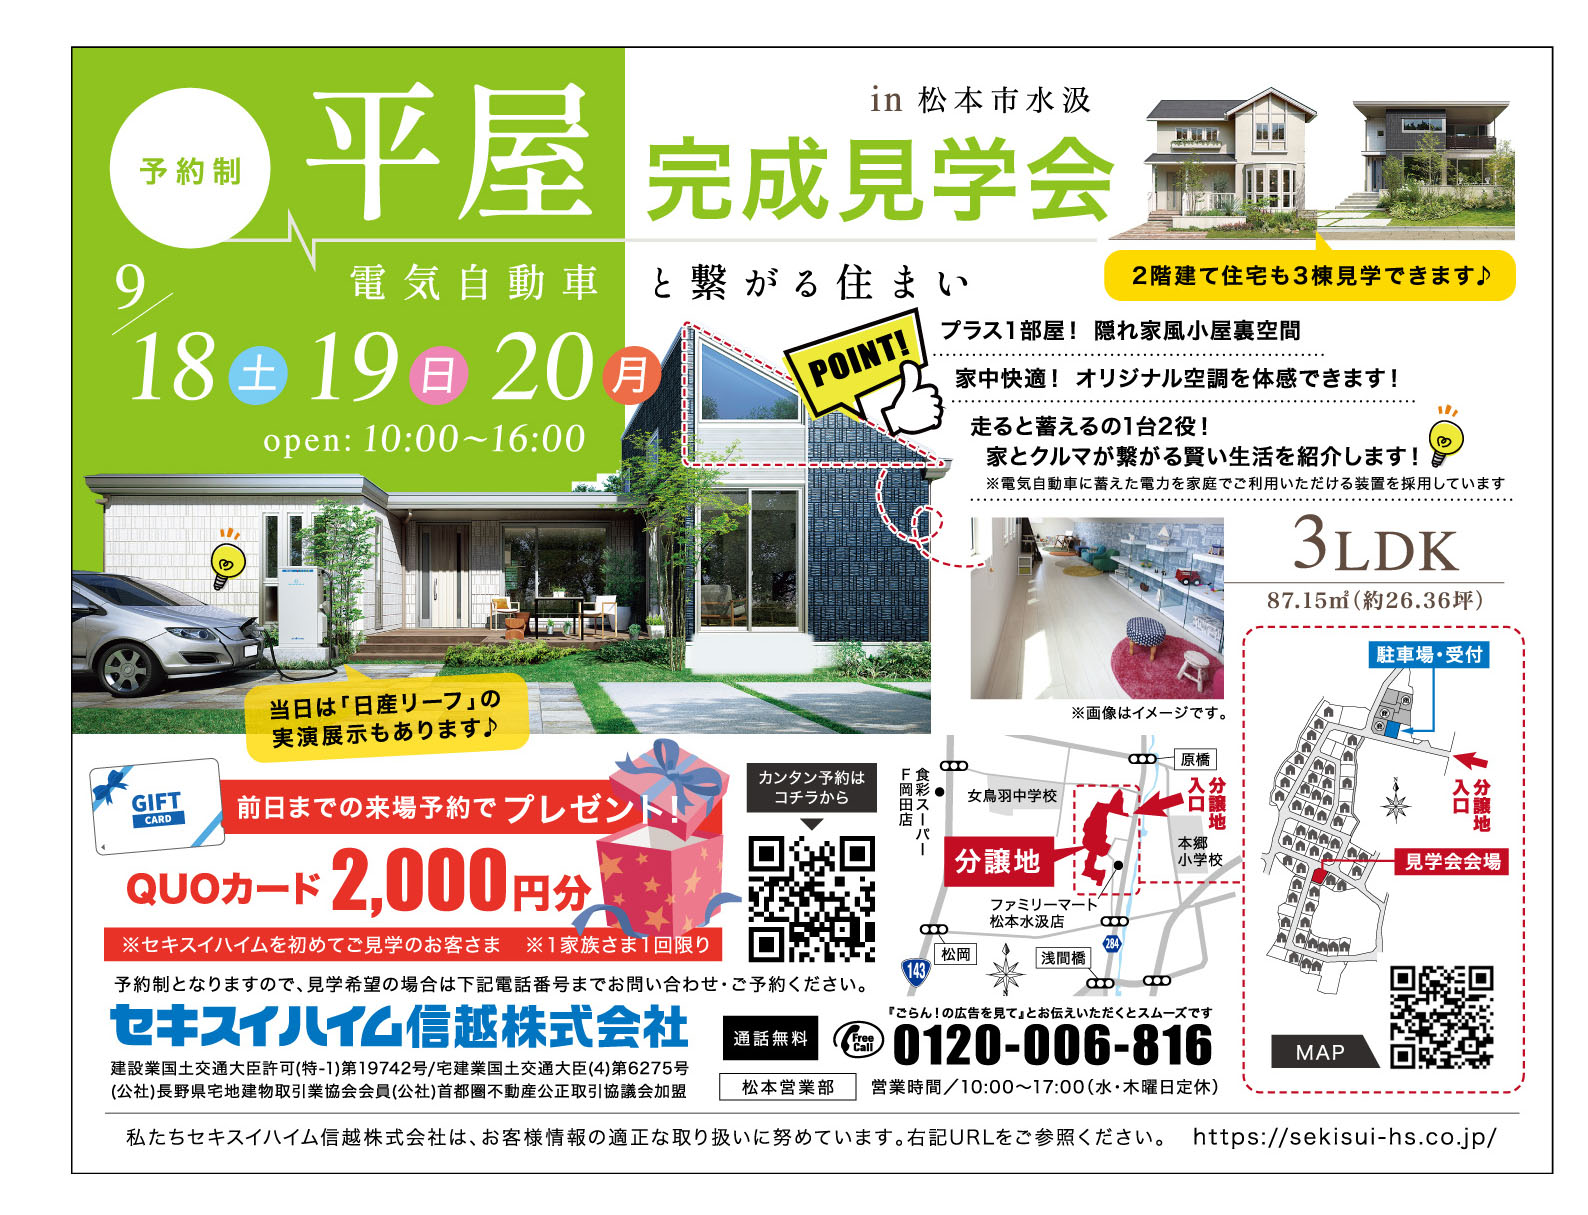 【松本市】平屋完成見学会 電気自動車と繋がる住まい